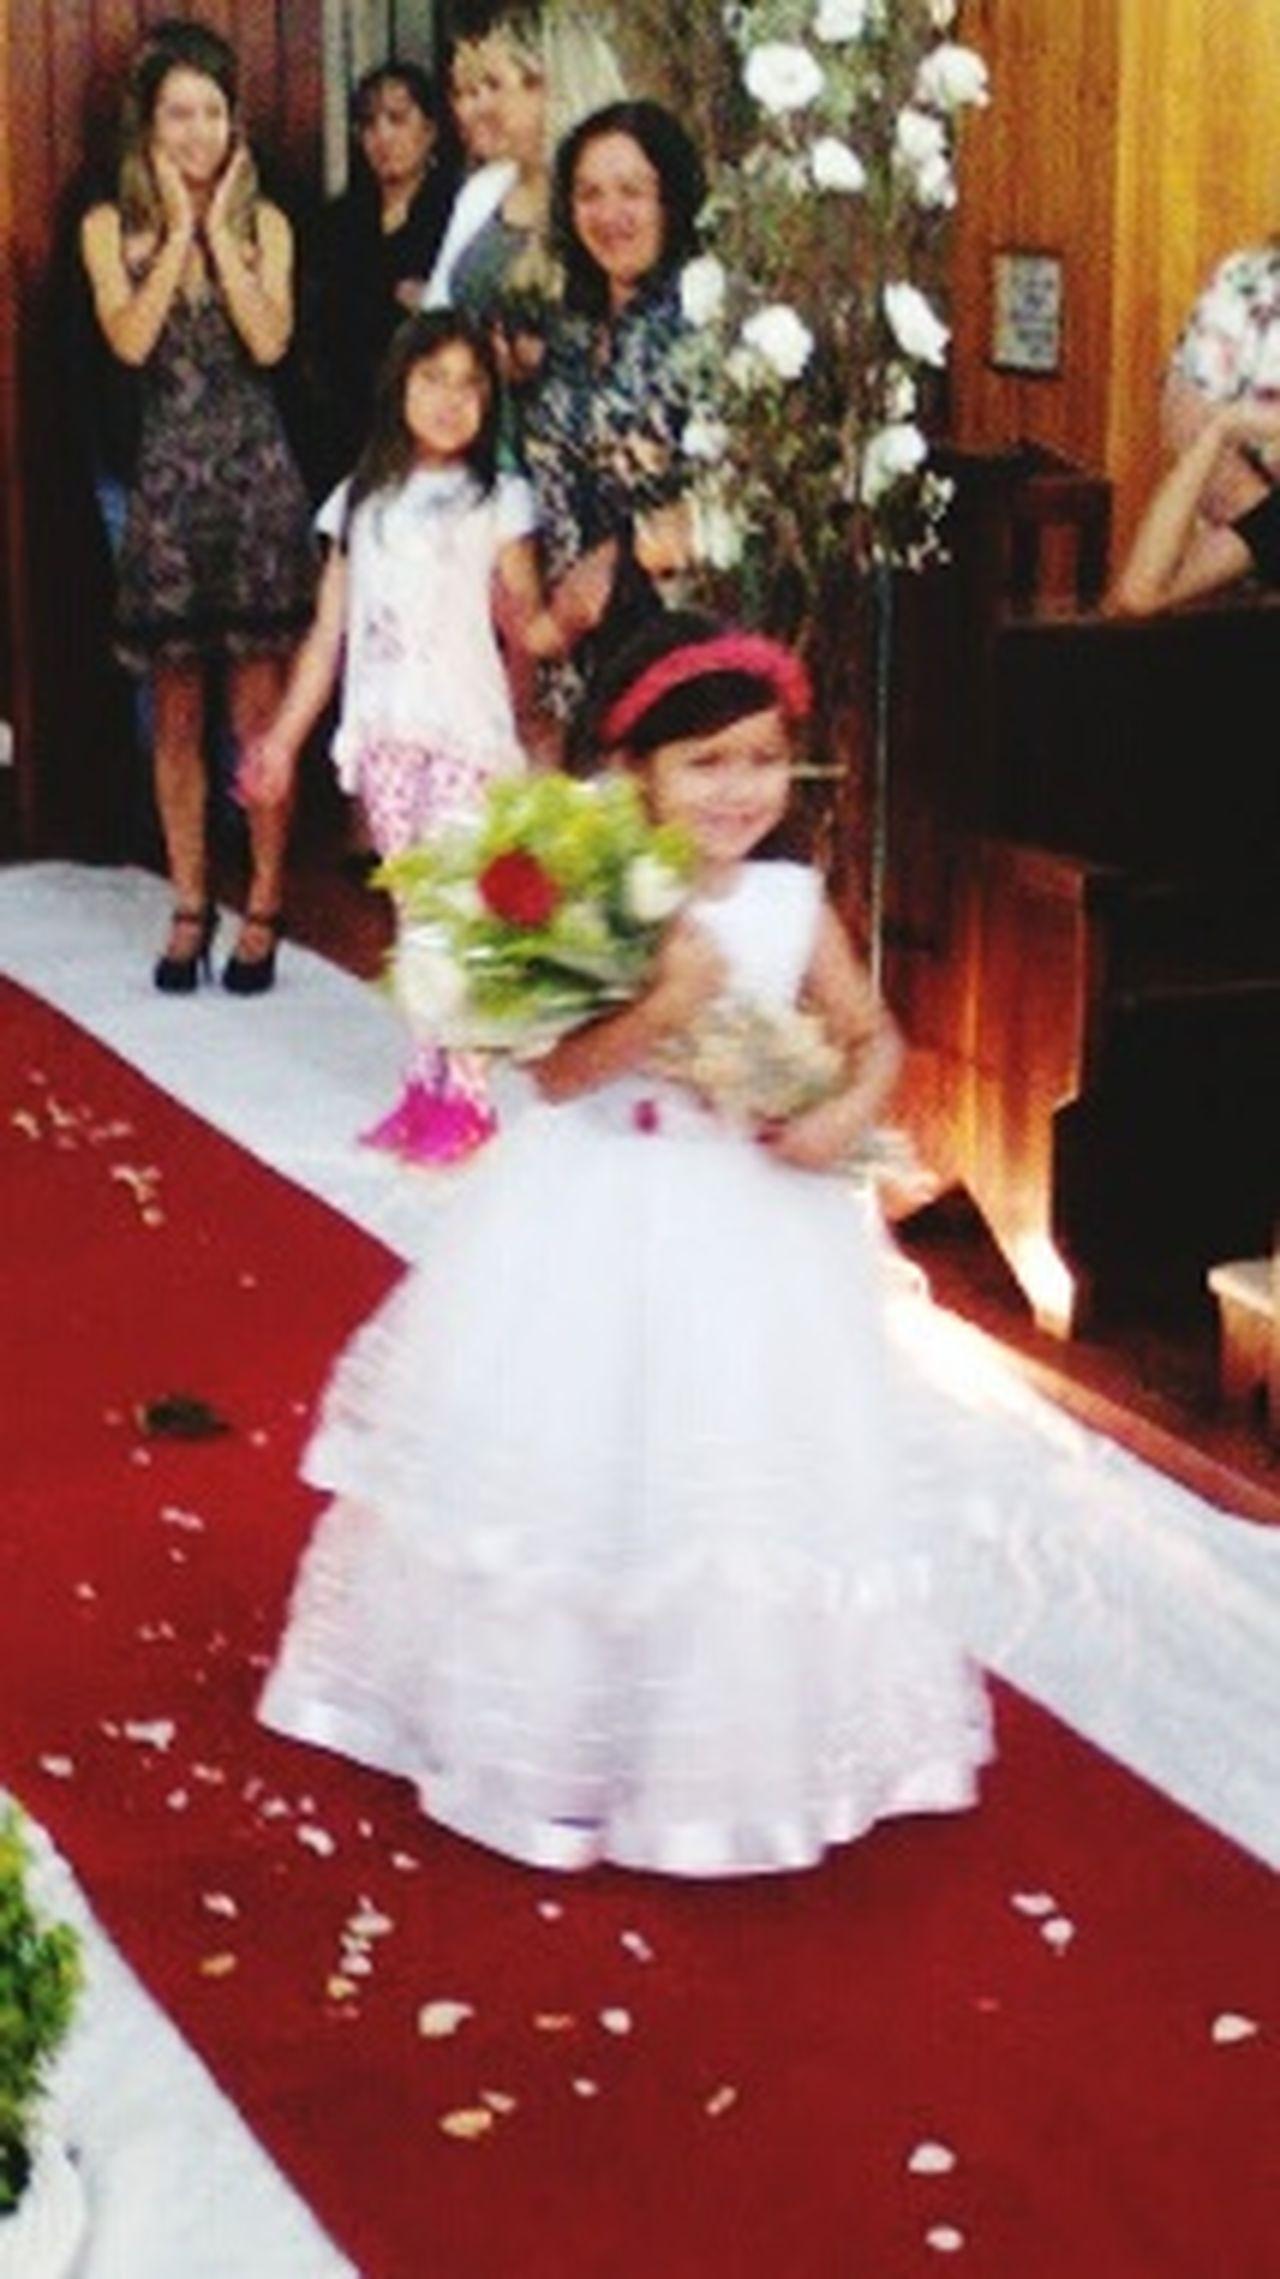 Filha ♥ Maebabando Linda 💜 Casamento Festa casamento jeanine e david